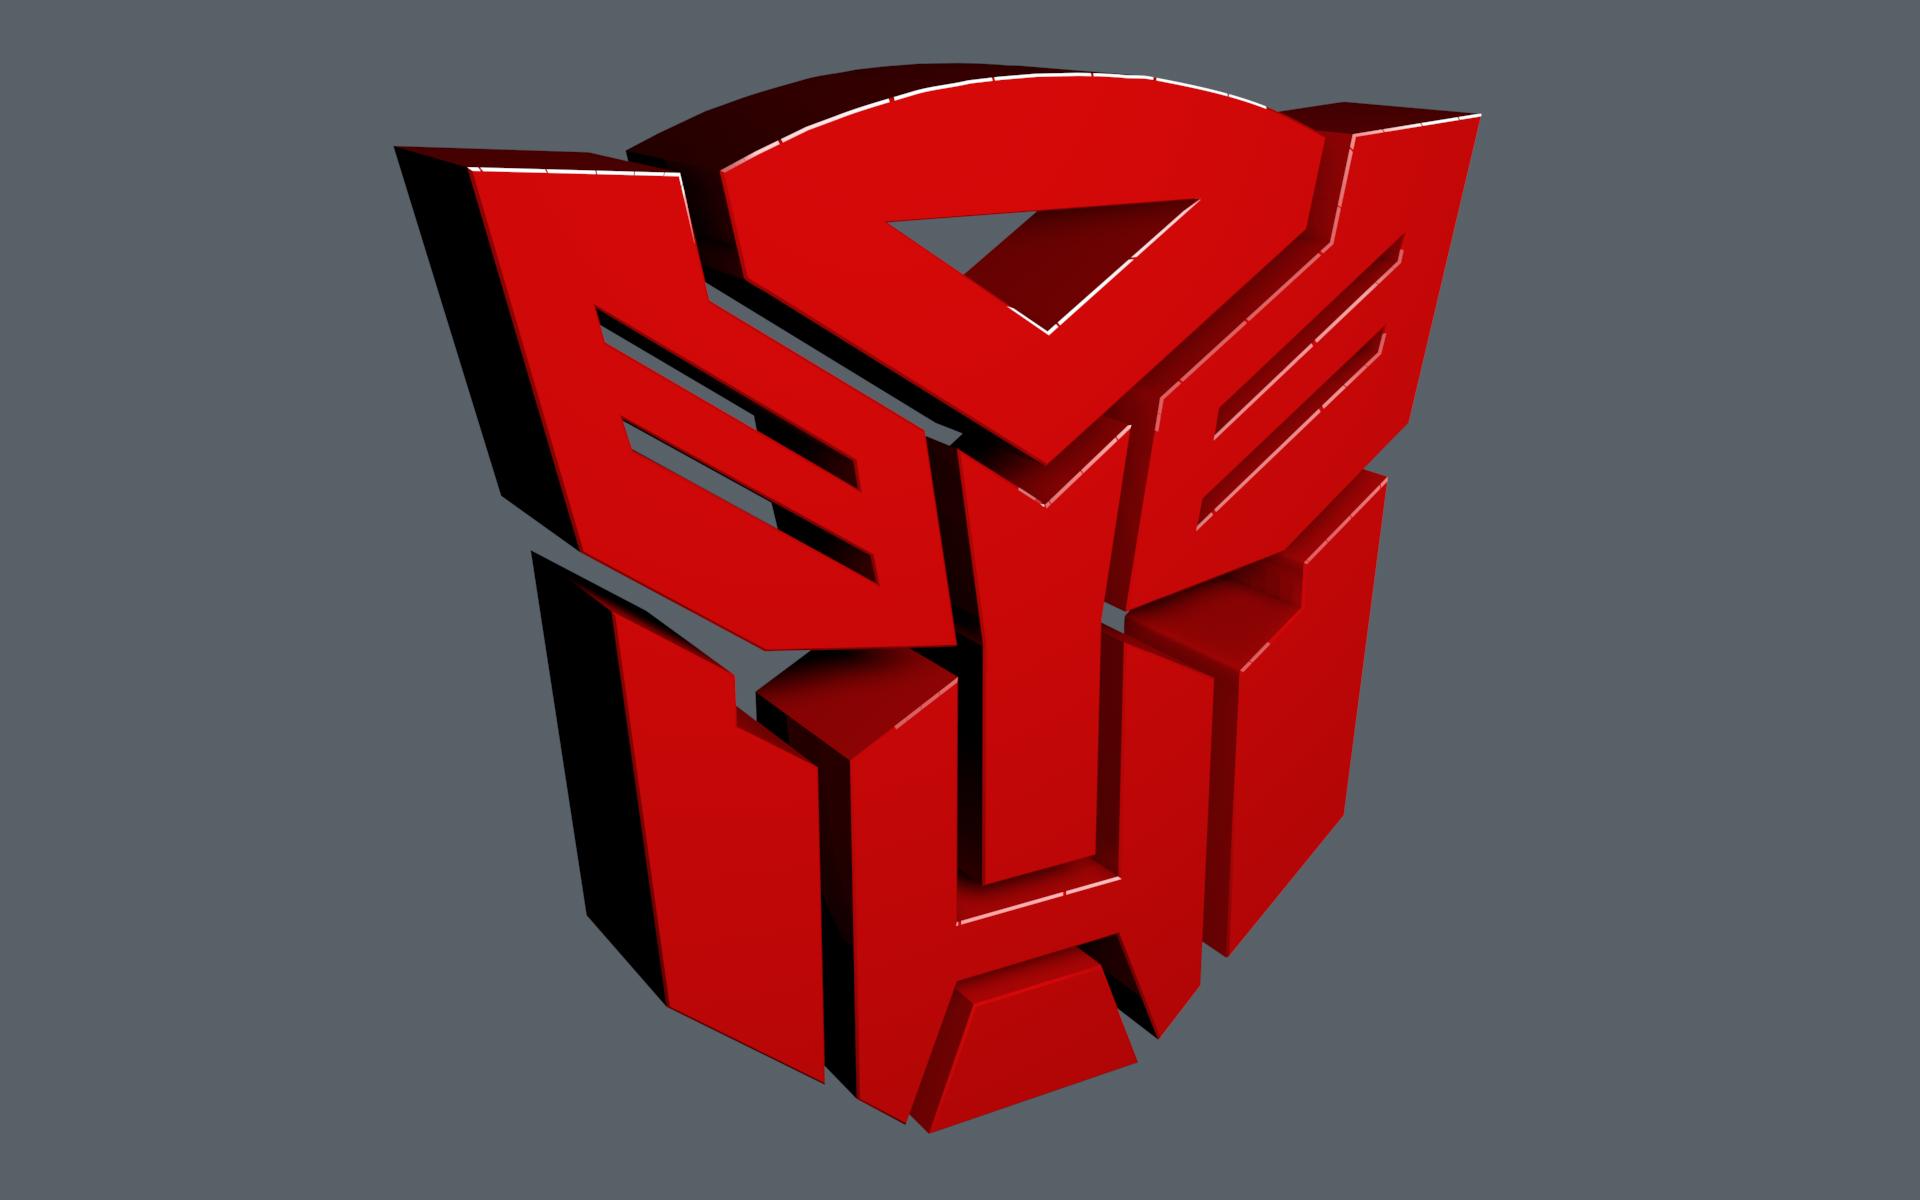 Transformer jpeg en png transparent 7 » PNG Image.